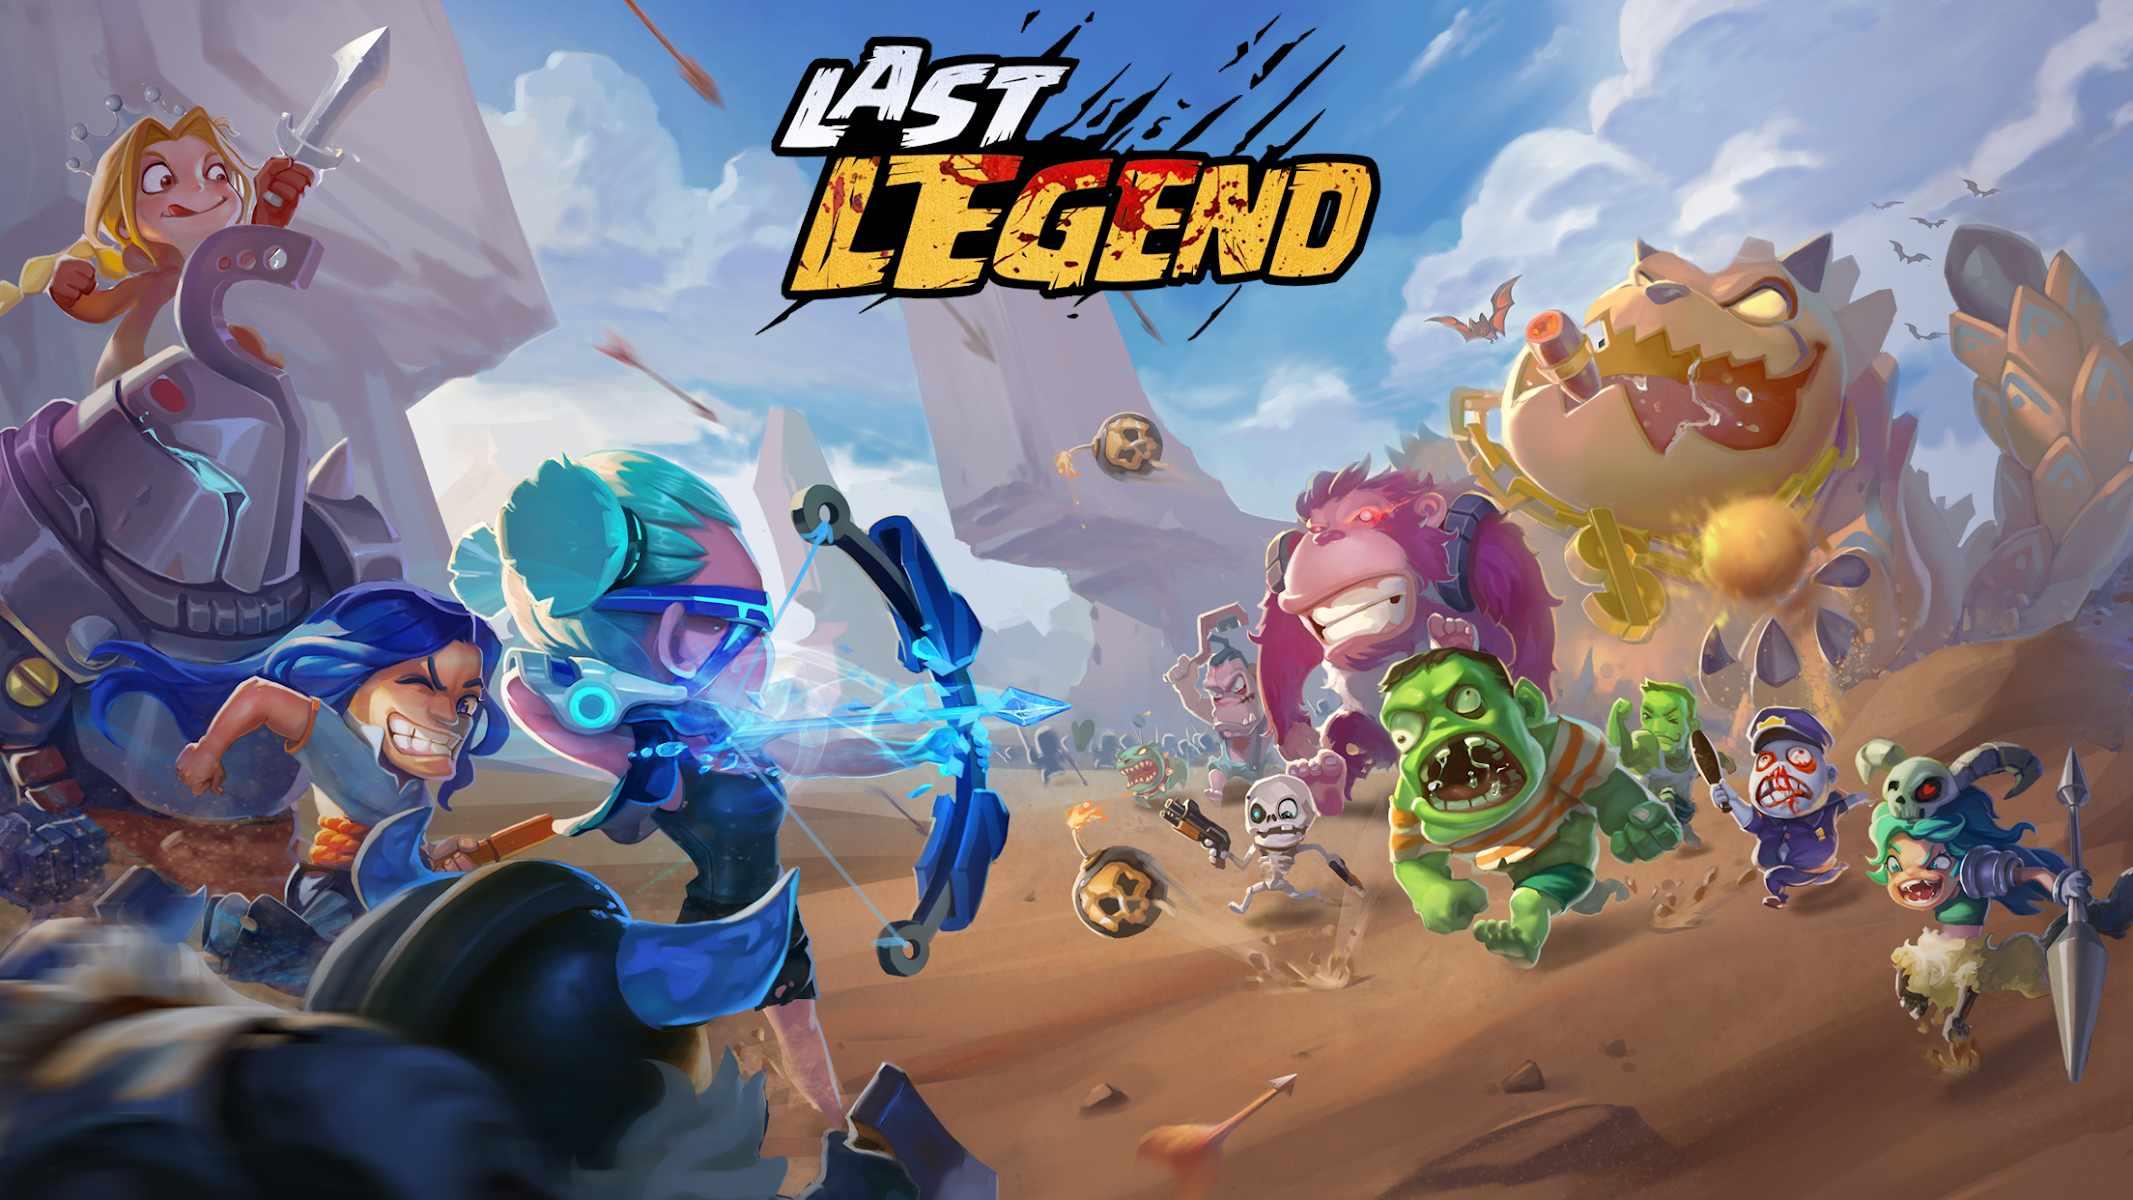 دانلود Heroes Legend: Idle RPG v1.1.0 – بازی نقش آفرینی قهرمانان افسانه ای اندروید